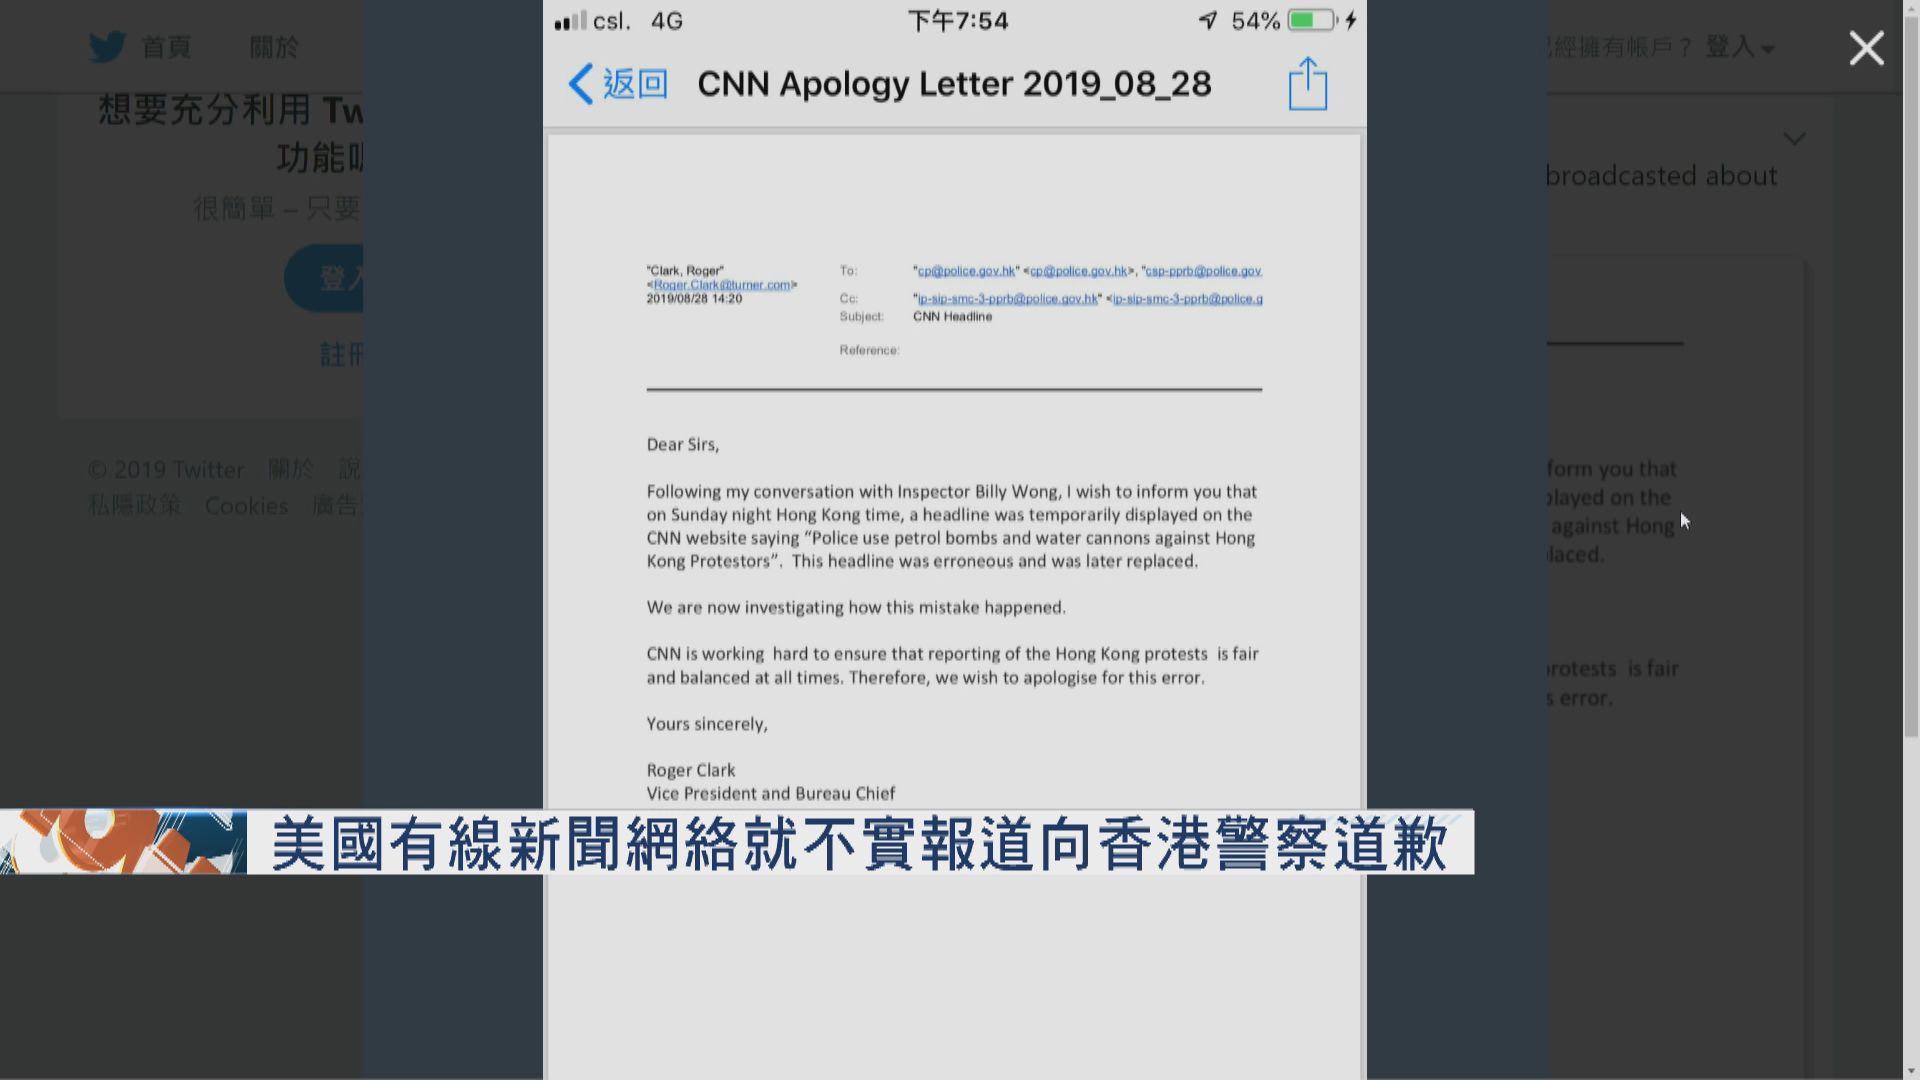 美國有線新聞網絡就不實報道向香港警察道歉